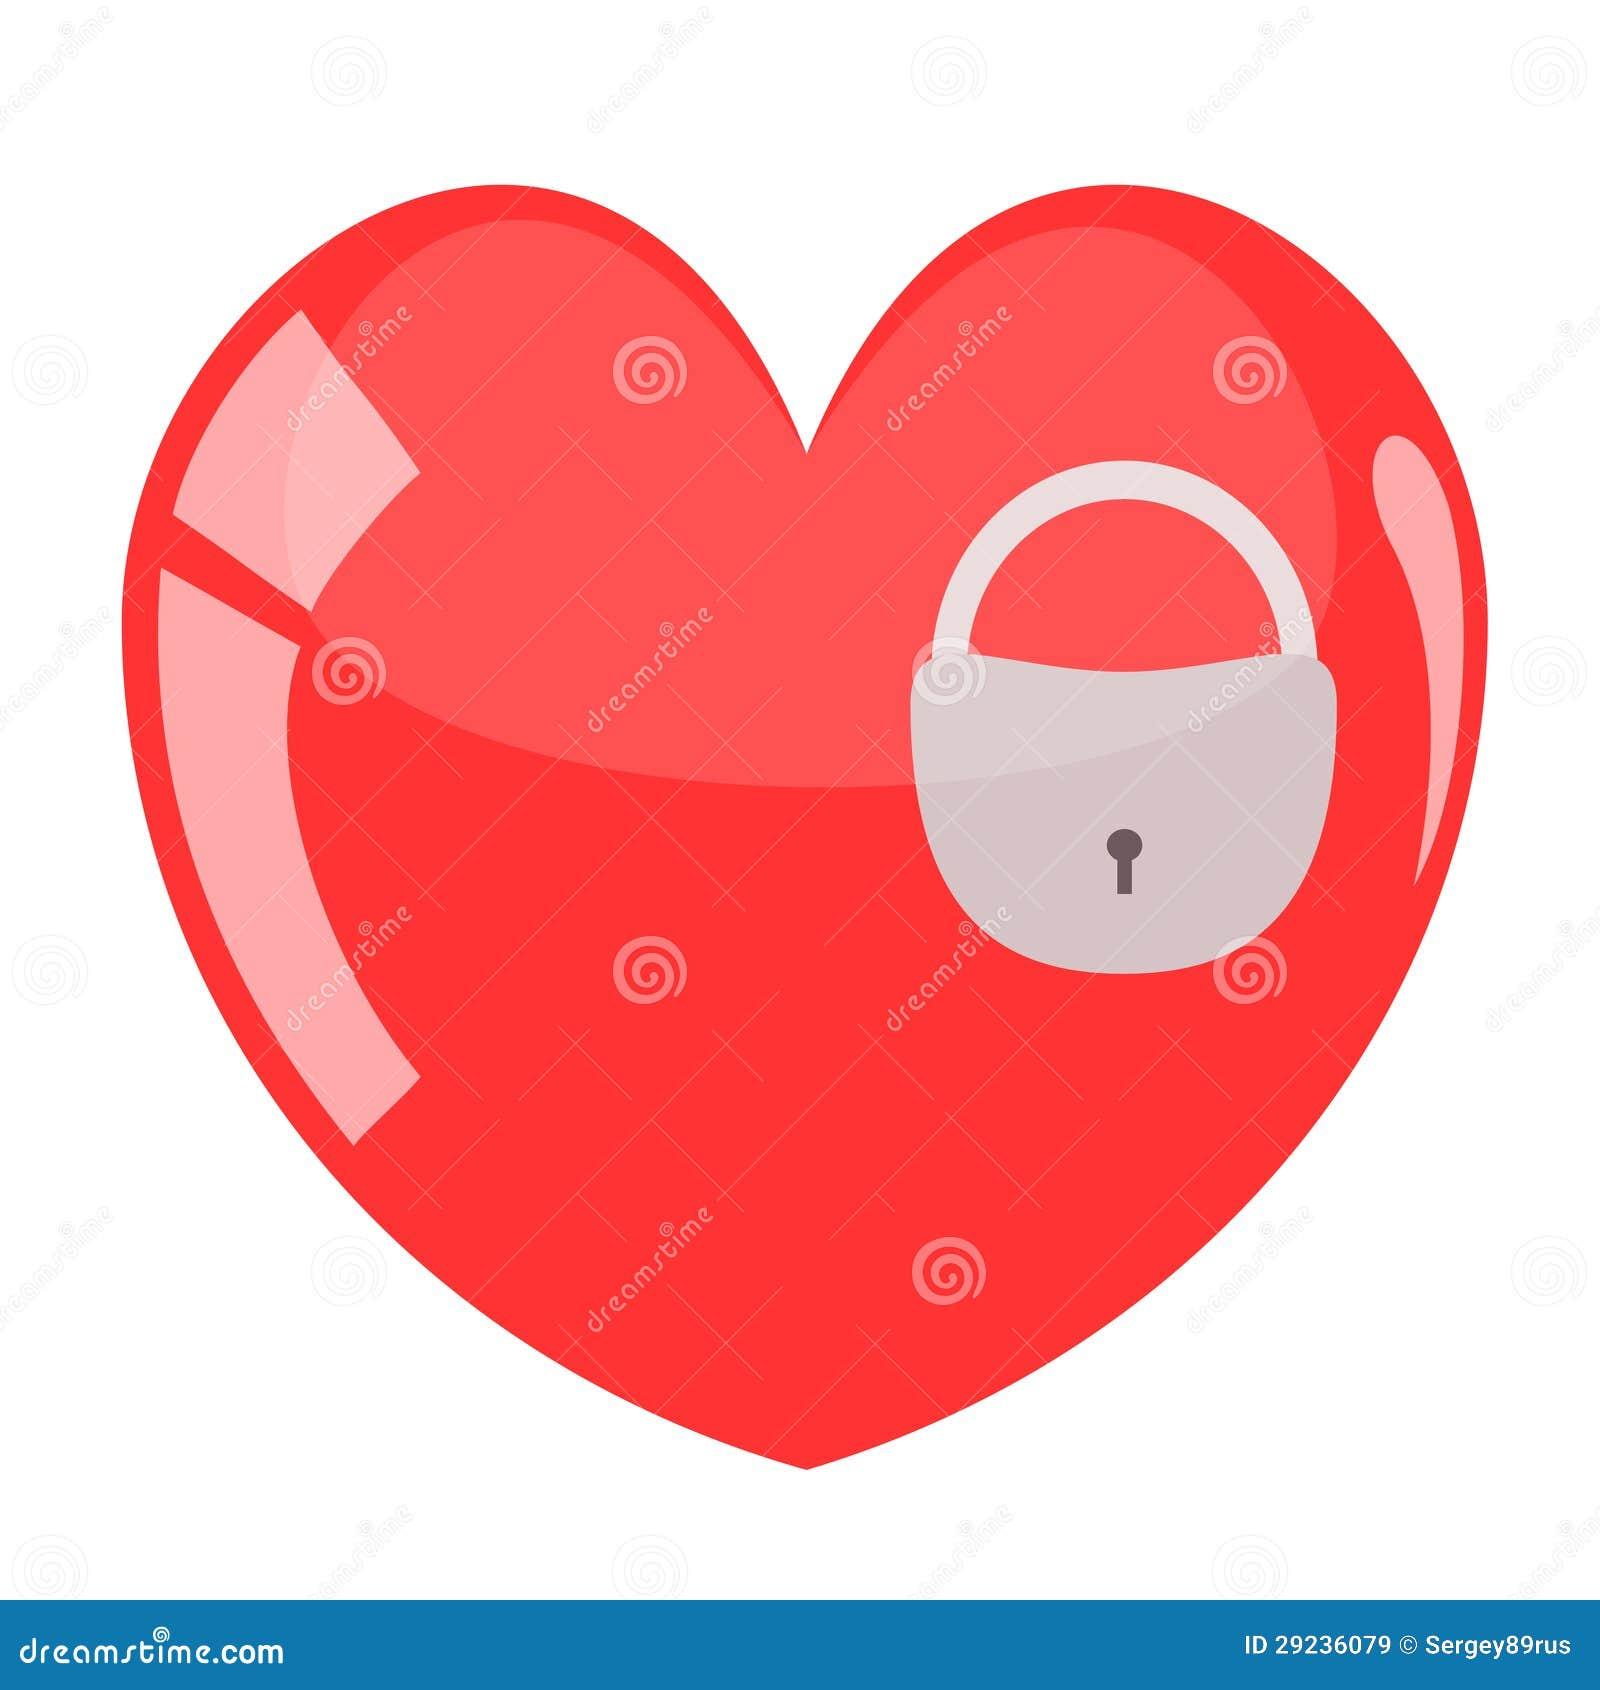 Download Ilustração Do Cadeado No Coração. Ilustração do Vetor - Ilustração de reflexão, amor: 29236079